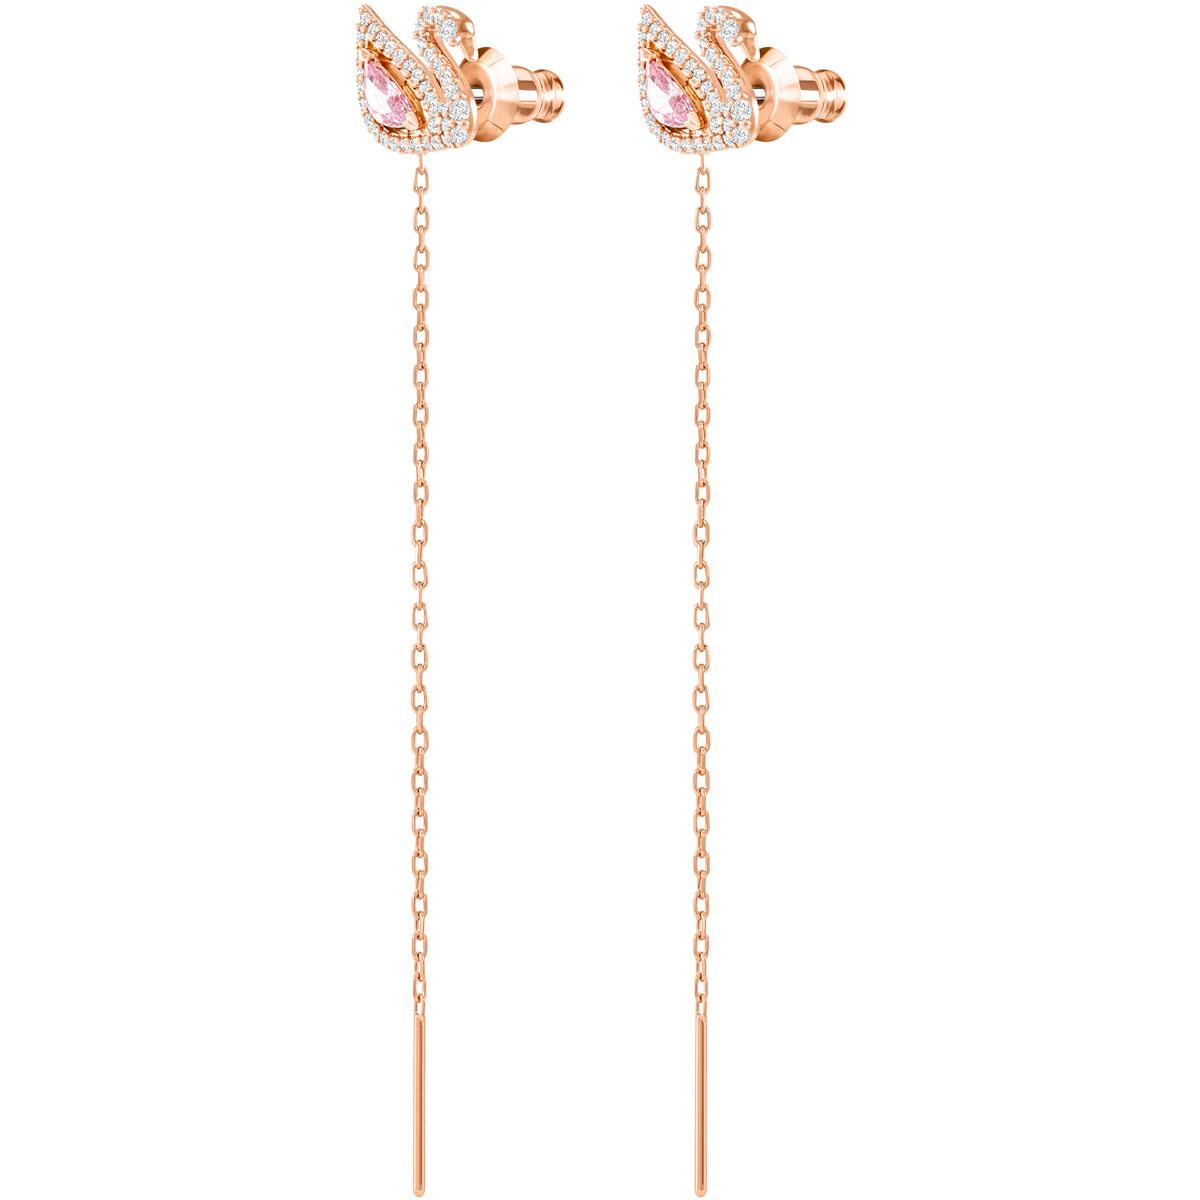 Swarovski Dazzling Swan Pierced Earrings, Multi Colored, Rose Gold